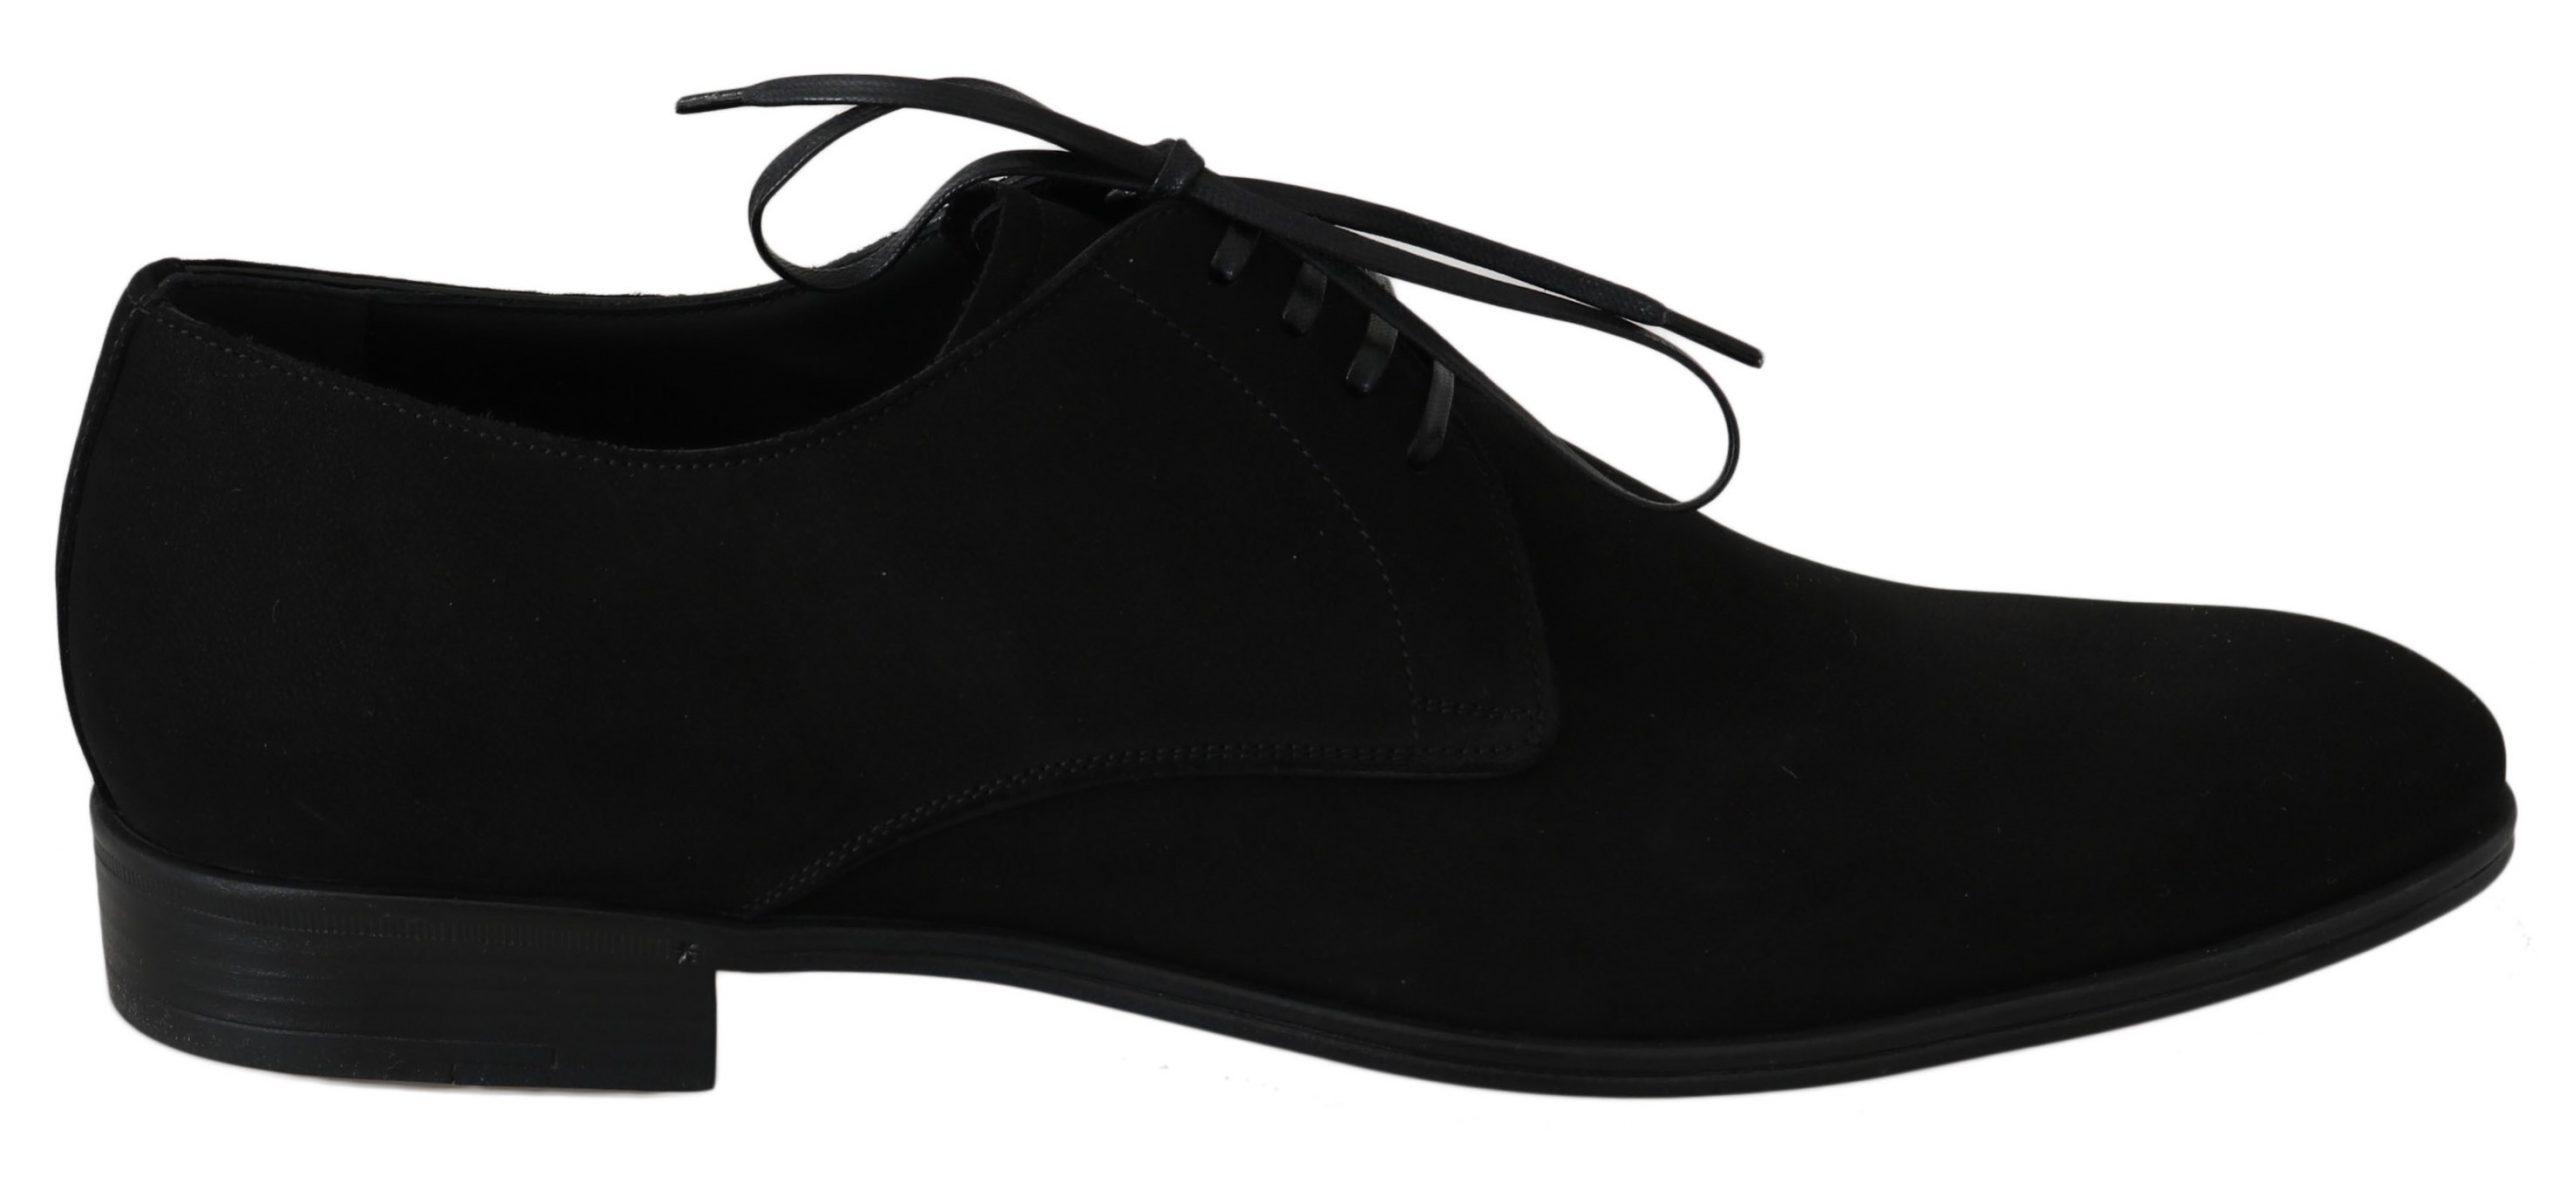 Dolce & Gabbana Men's Shoes Black MV2310 - EU41.5/US11.5